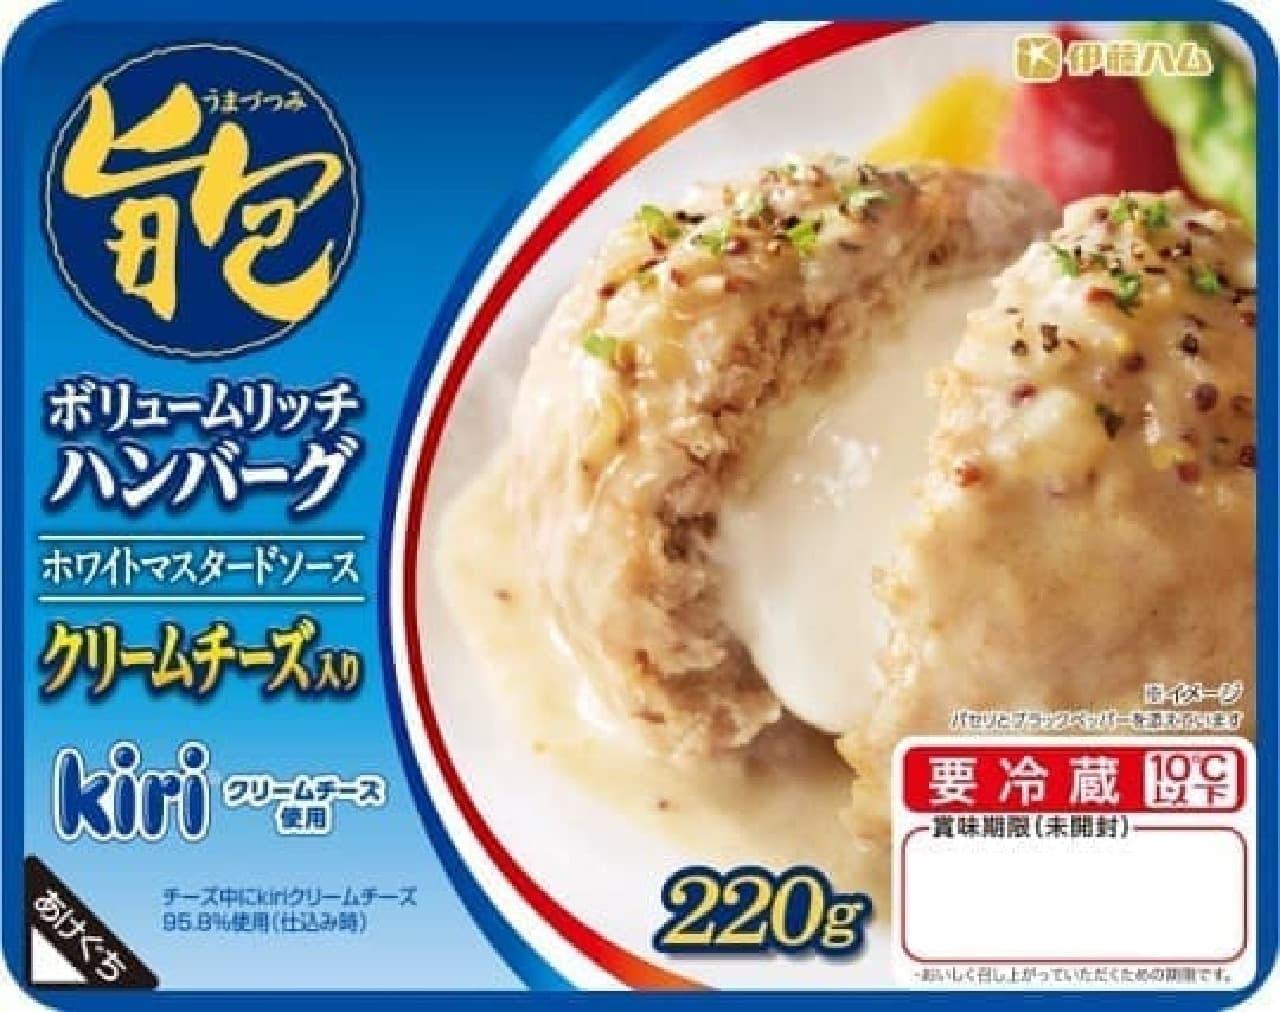 伊藤ハム「旨包ボリュームリッチ クリームチーズ入りハンバーグホワイトマスタードソース」